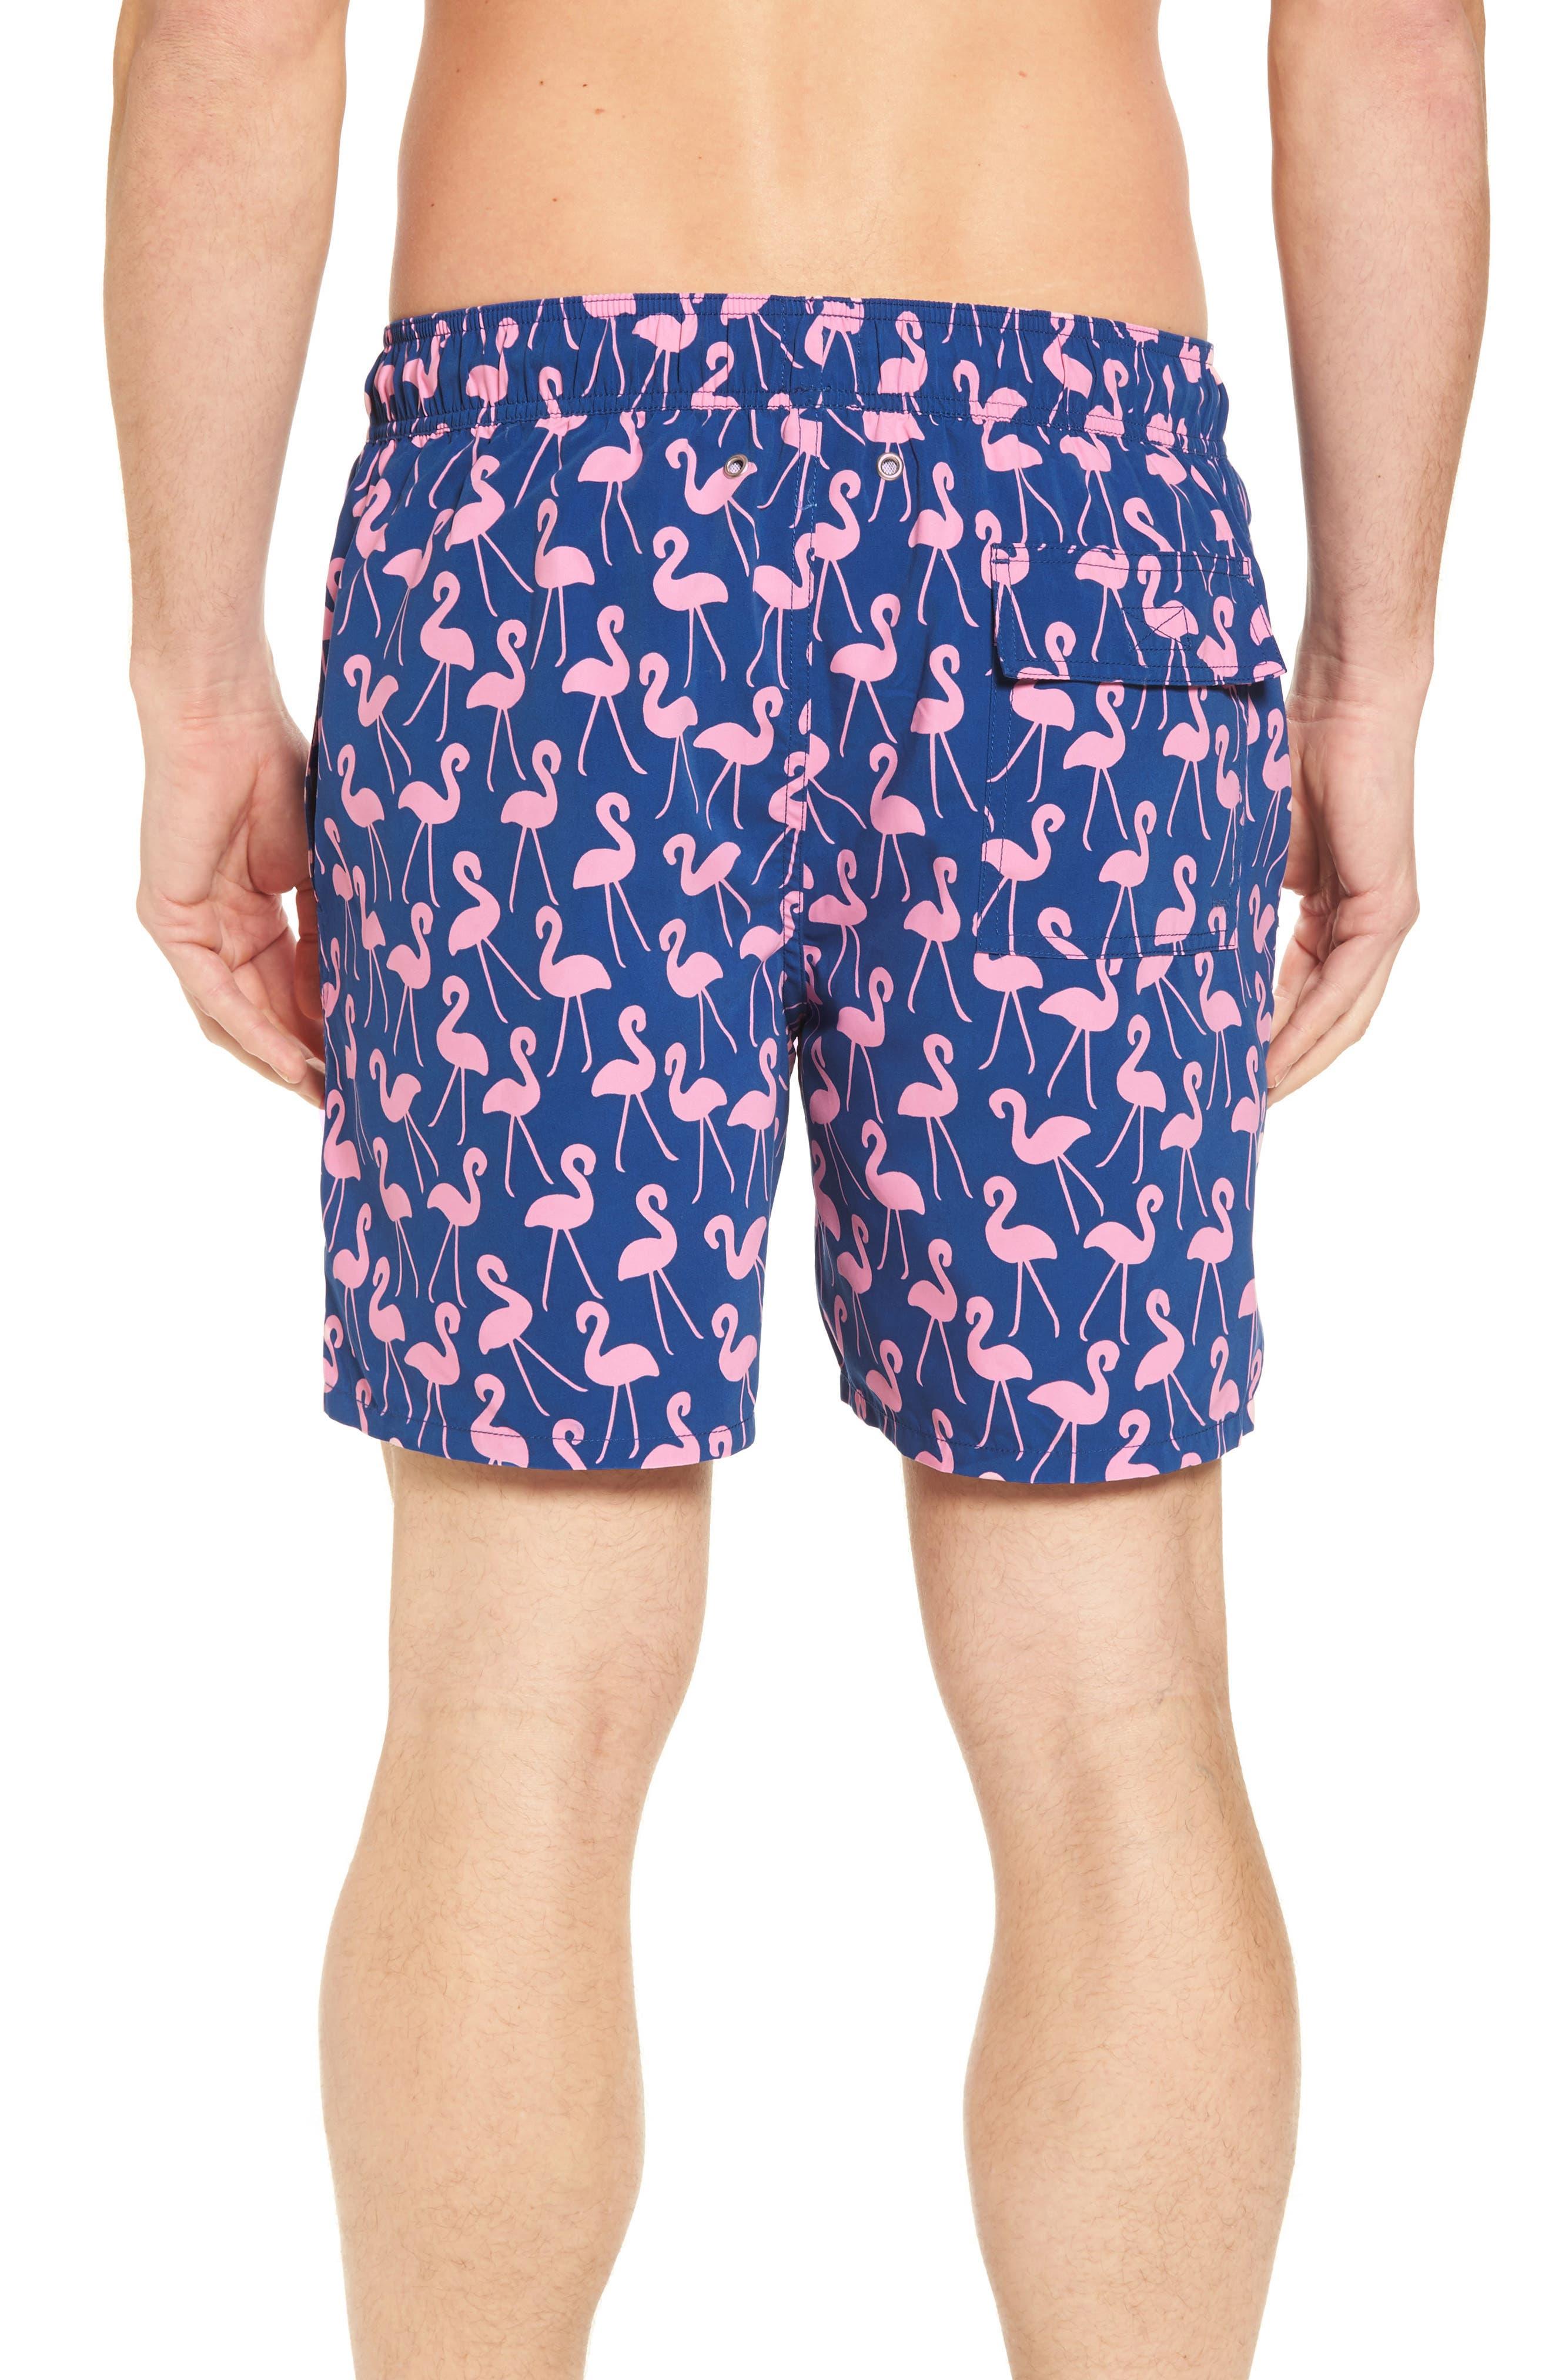 Flamingo Print Swim Trunks,                             Alternate thumbnail 2, color,                             Rose / Blue